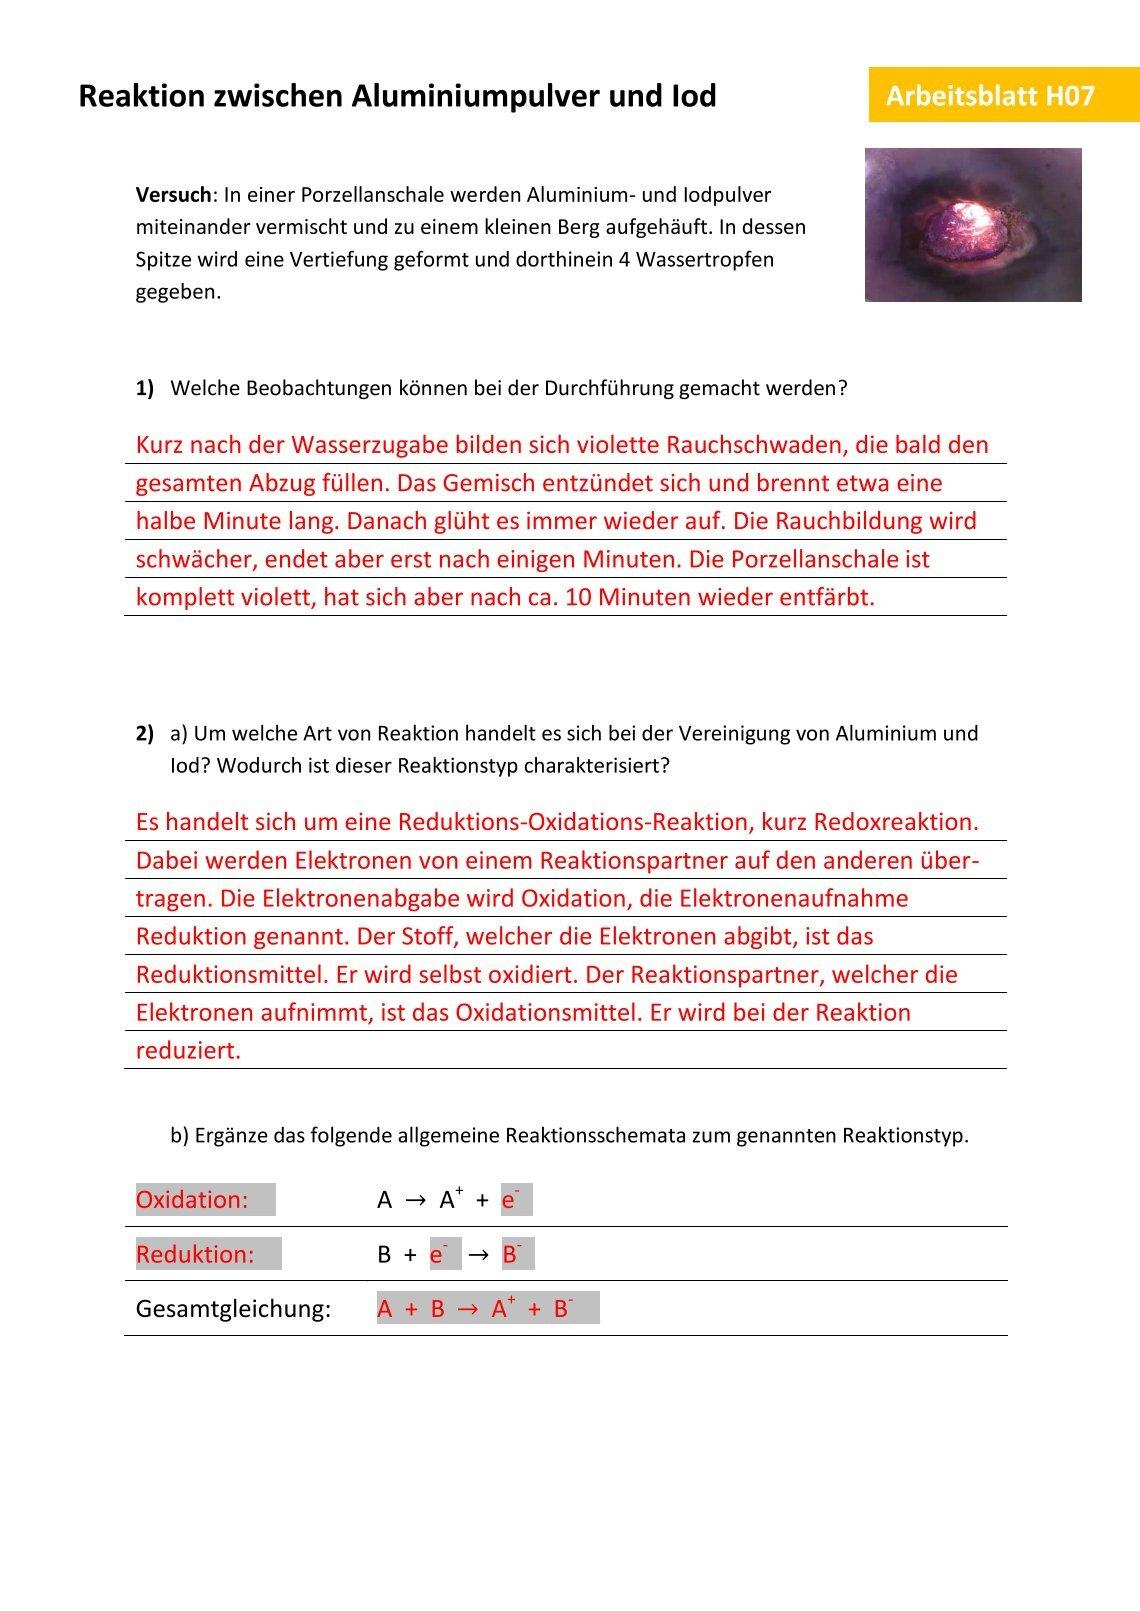 Fein Anzeichen Einer Chemischen Reaktion Arbeitsblatt Fotos ...